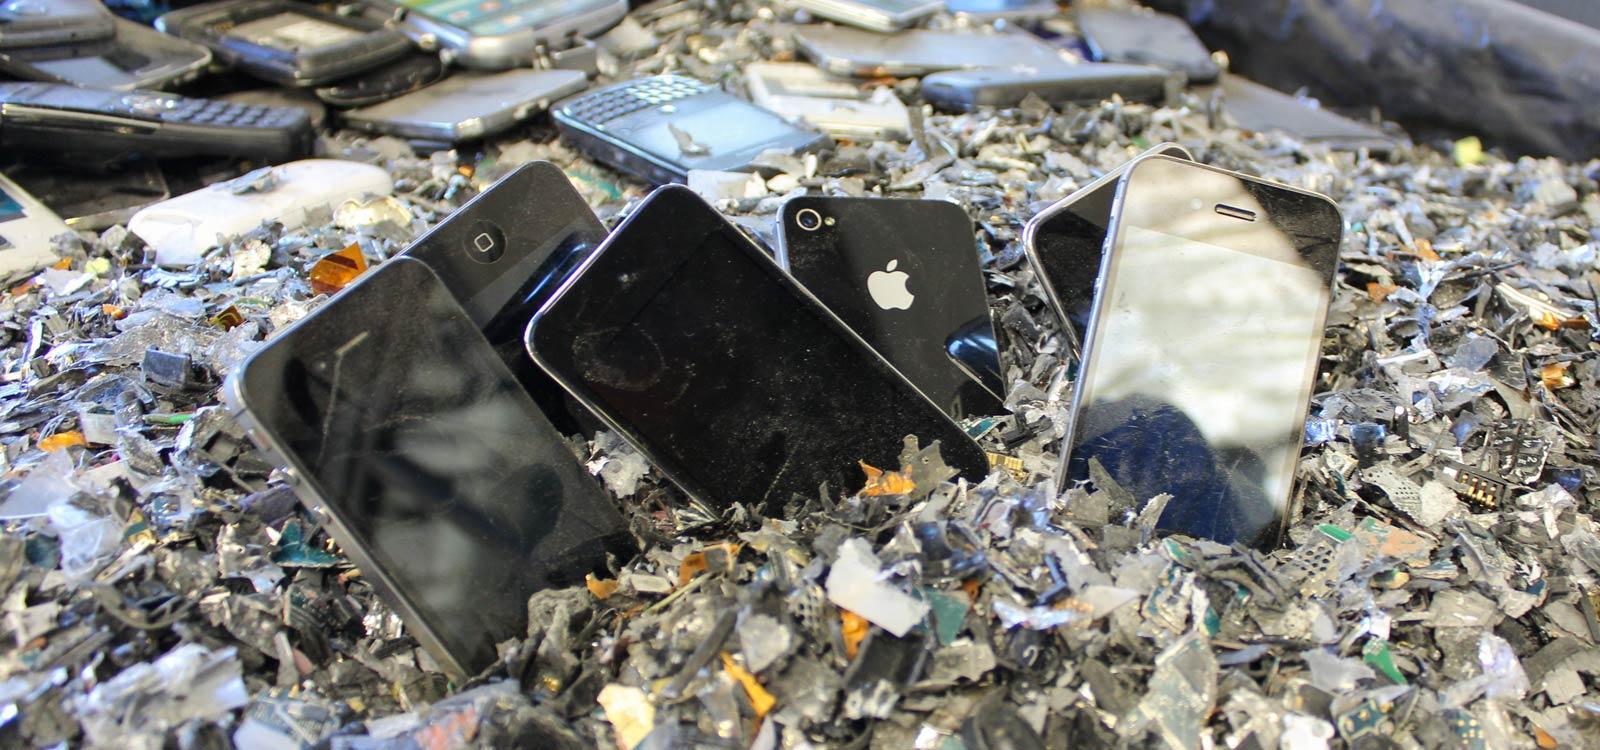 telefoon-inleveren-verkopen-recyclen-of-vernietigen-iphones-android